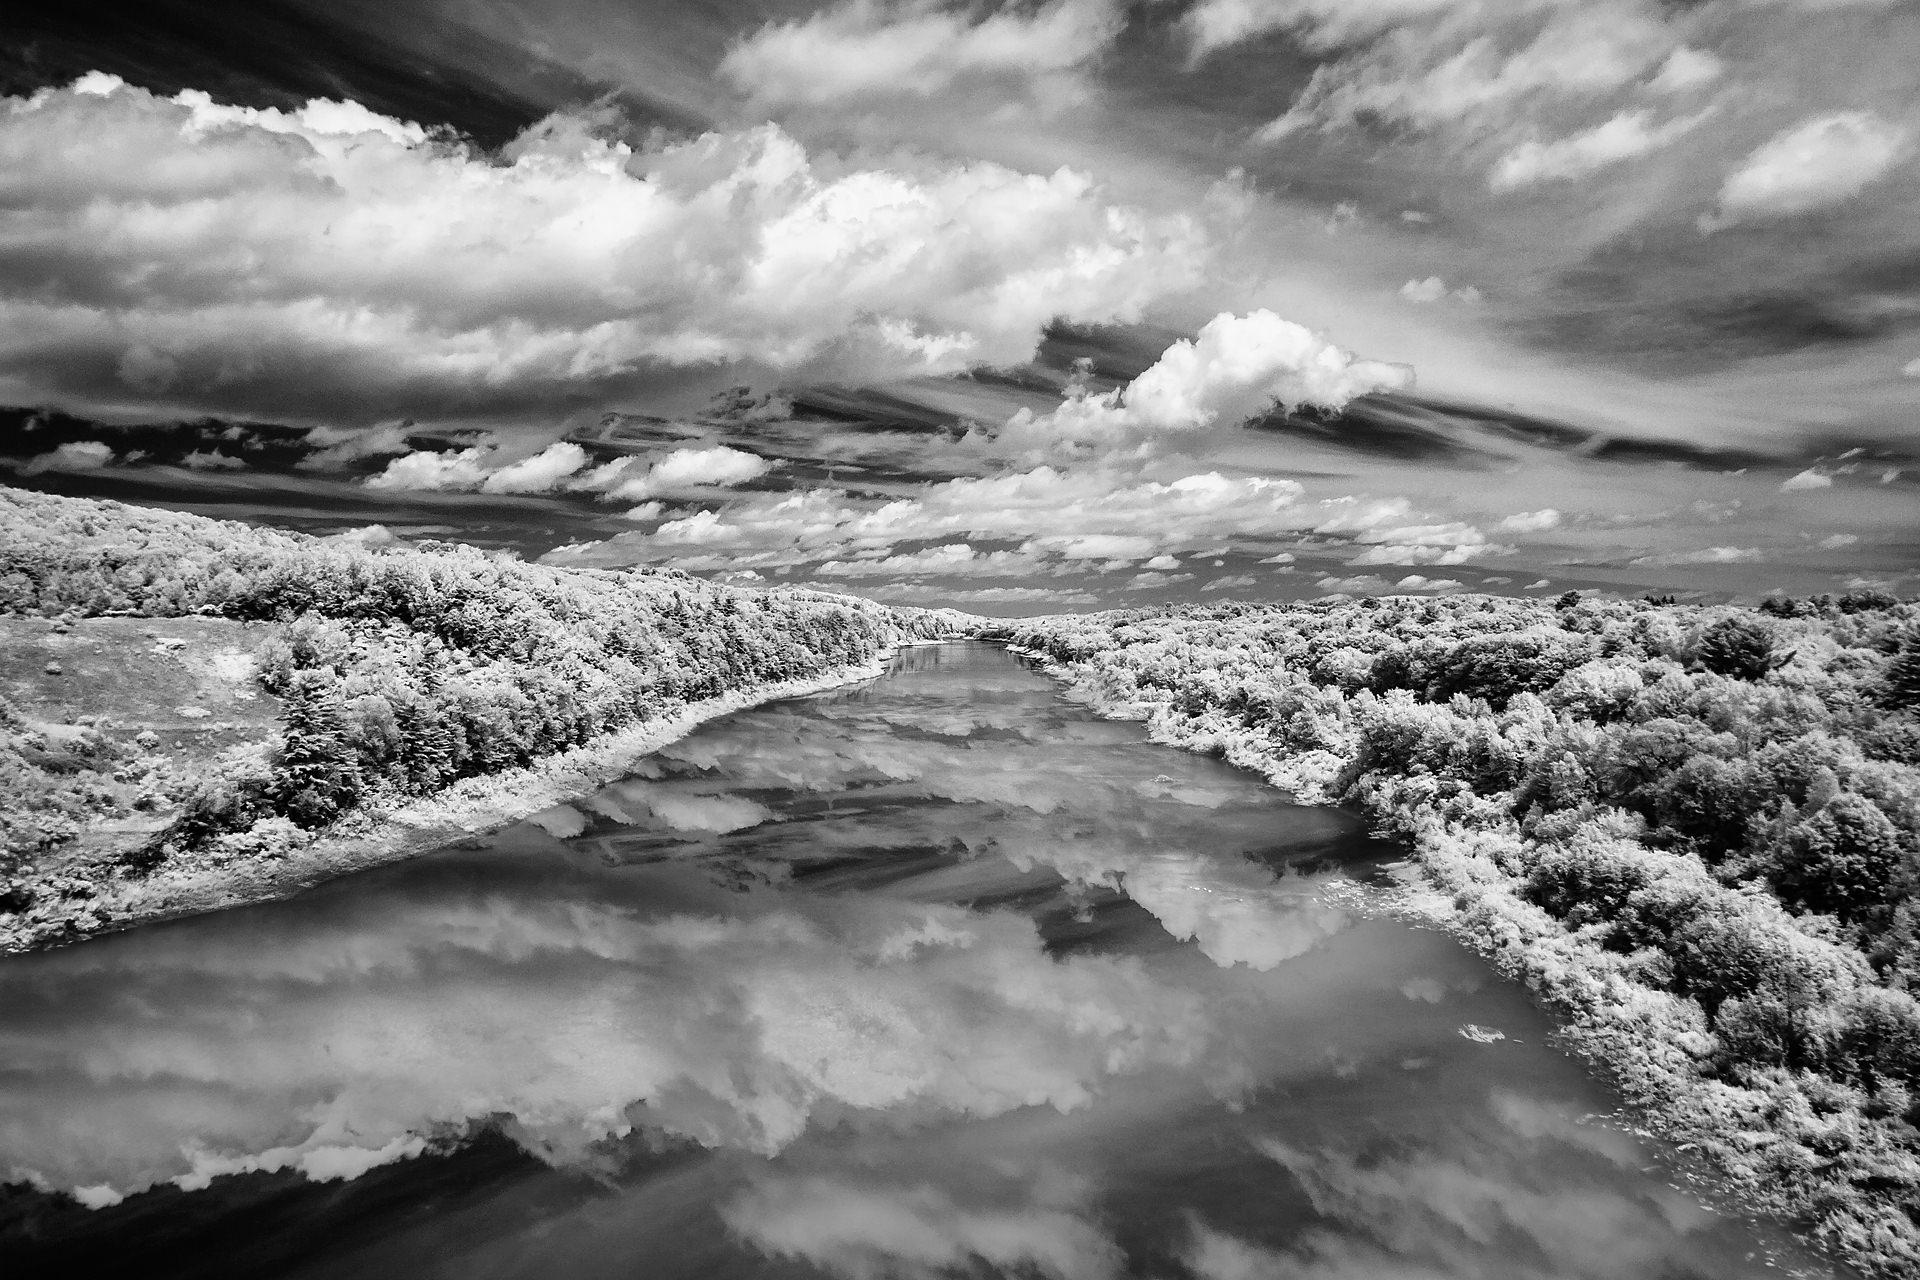 Rivercloud, 2013